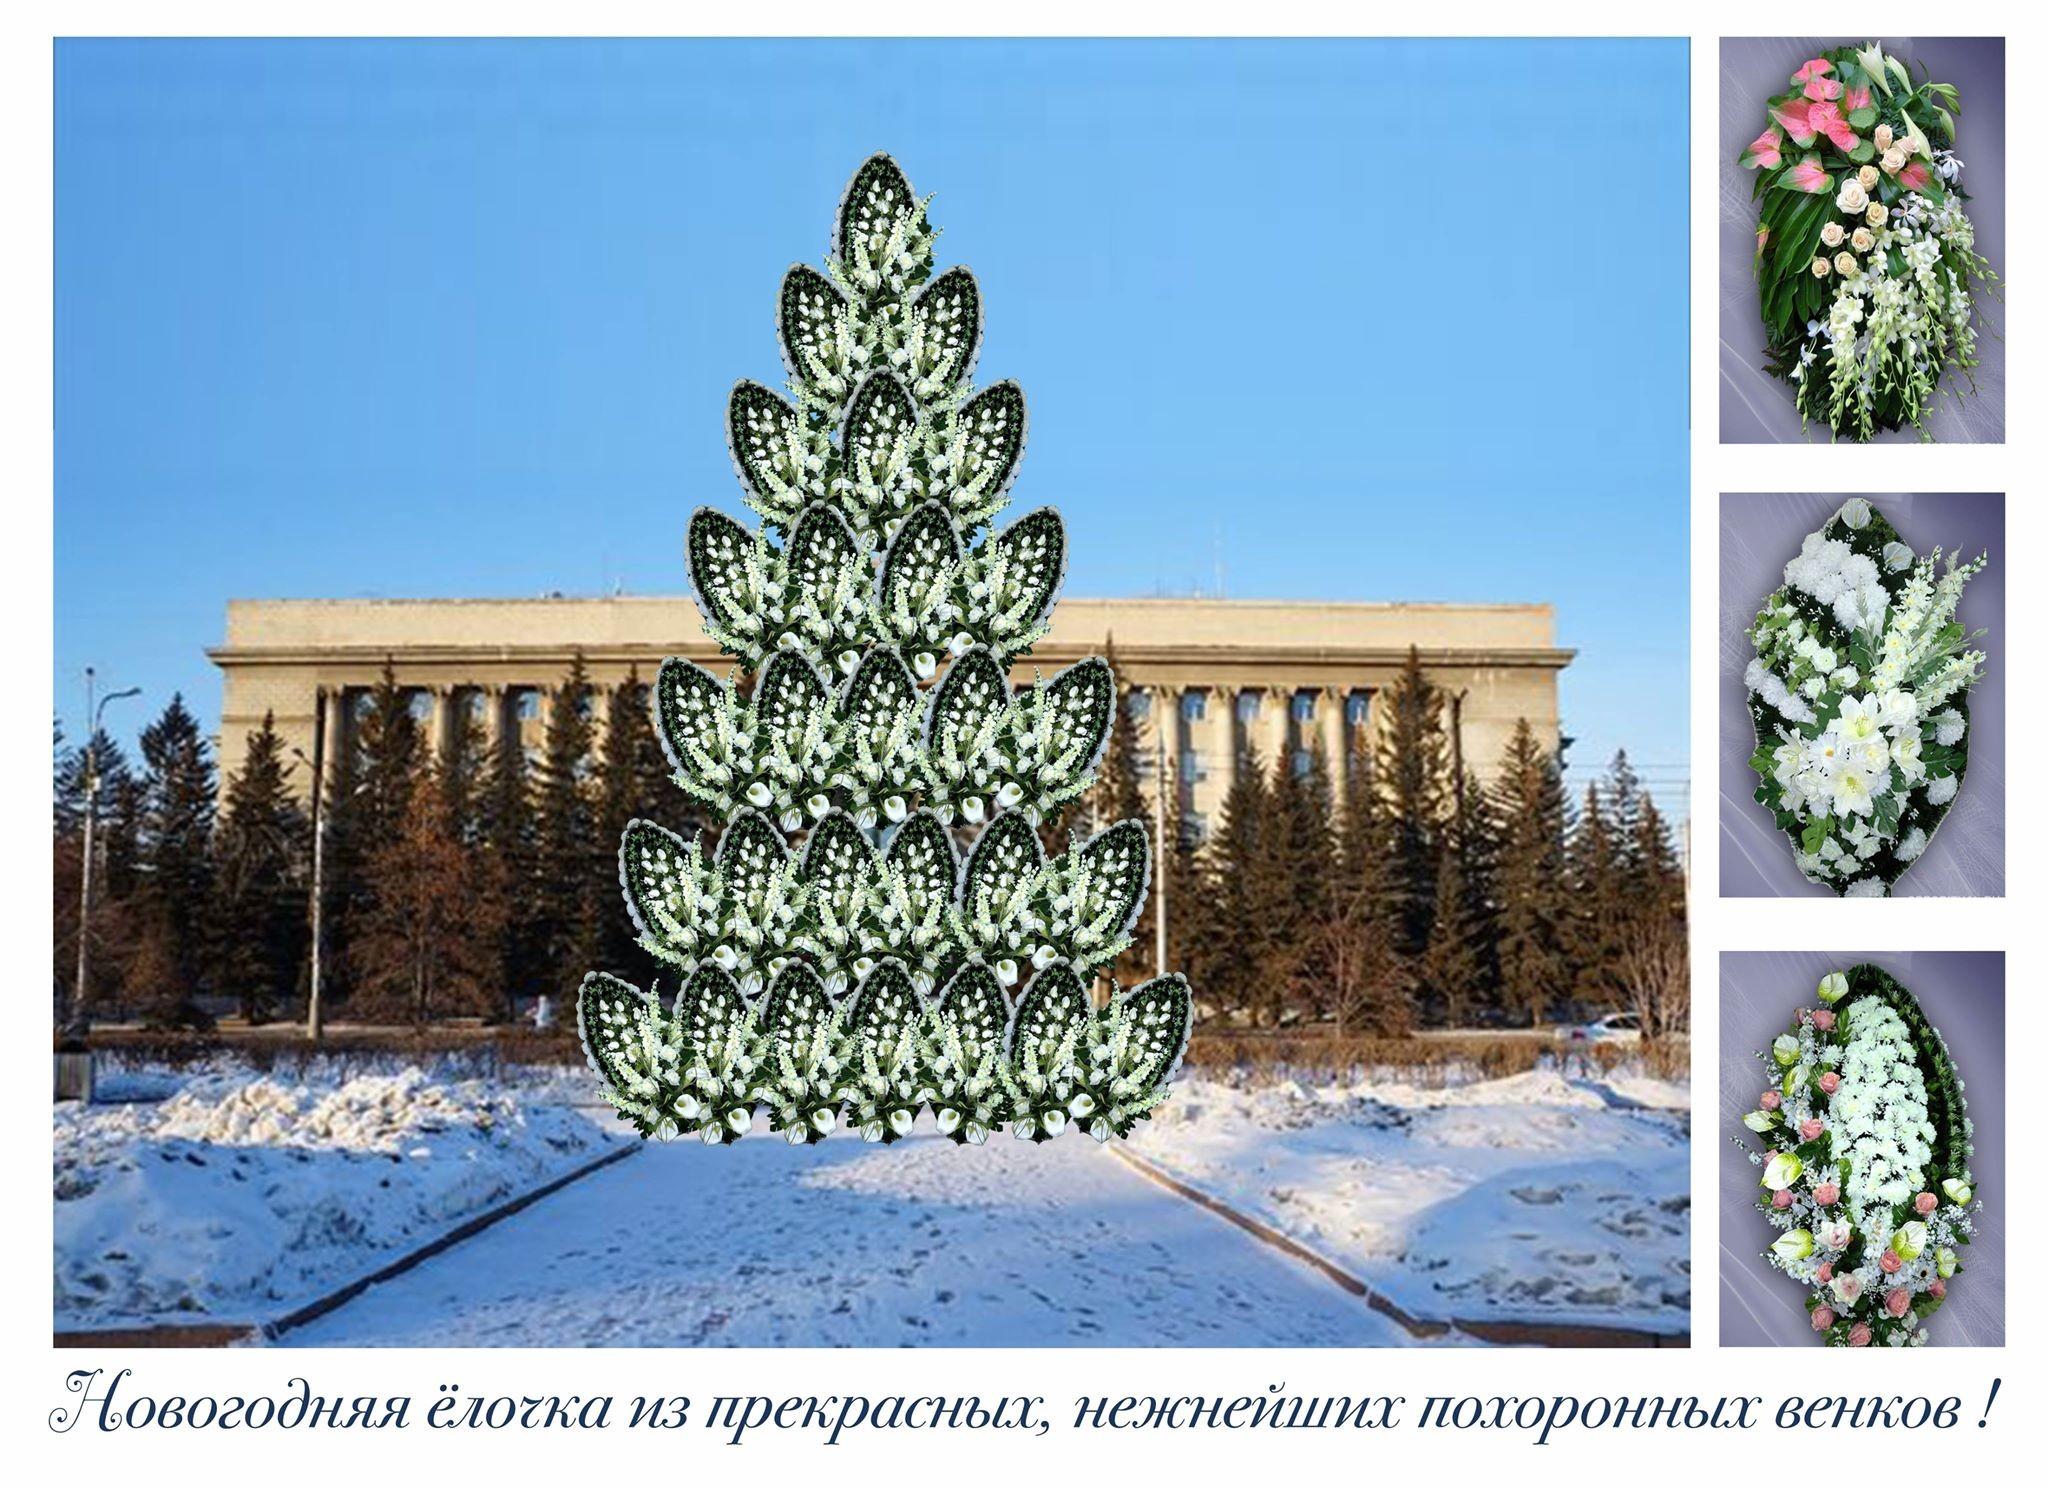 Фото предоставлено Василием Слоновым